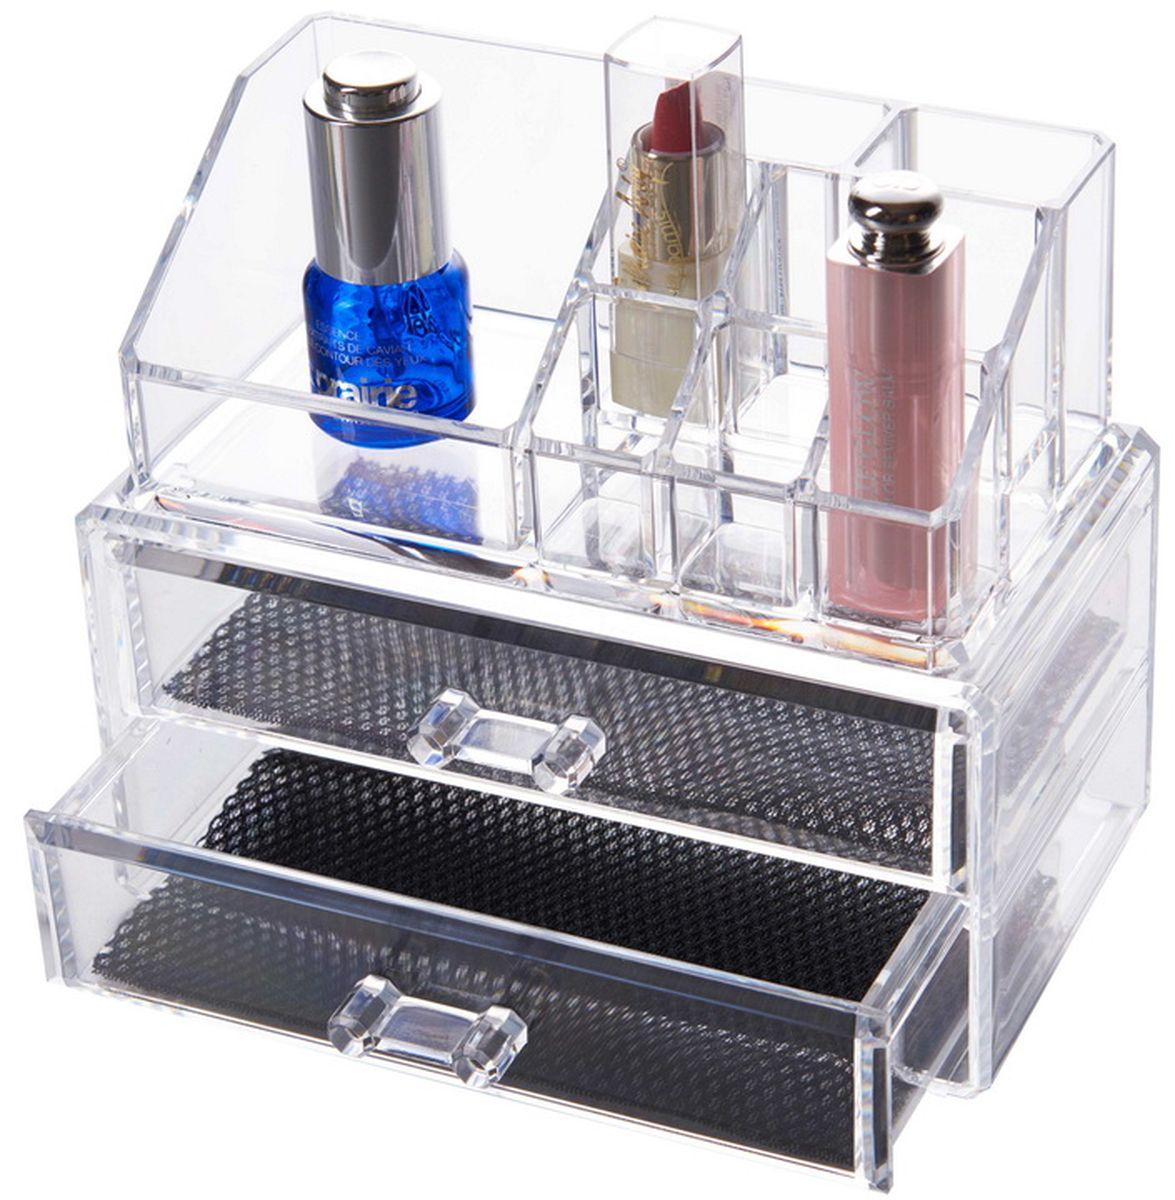 Органайзер для косметики HomeMaster, 19 х 10 х 16 смSO02609Стильный и практичный органайзер для ювелирных украшений. Шкатулка имеет несколько отделений для цепочек и браслетов, а так же хранения косметики.